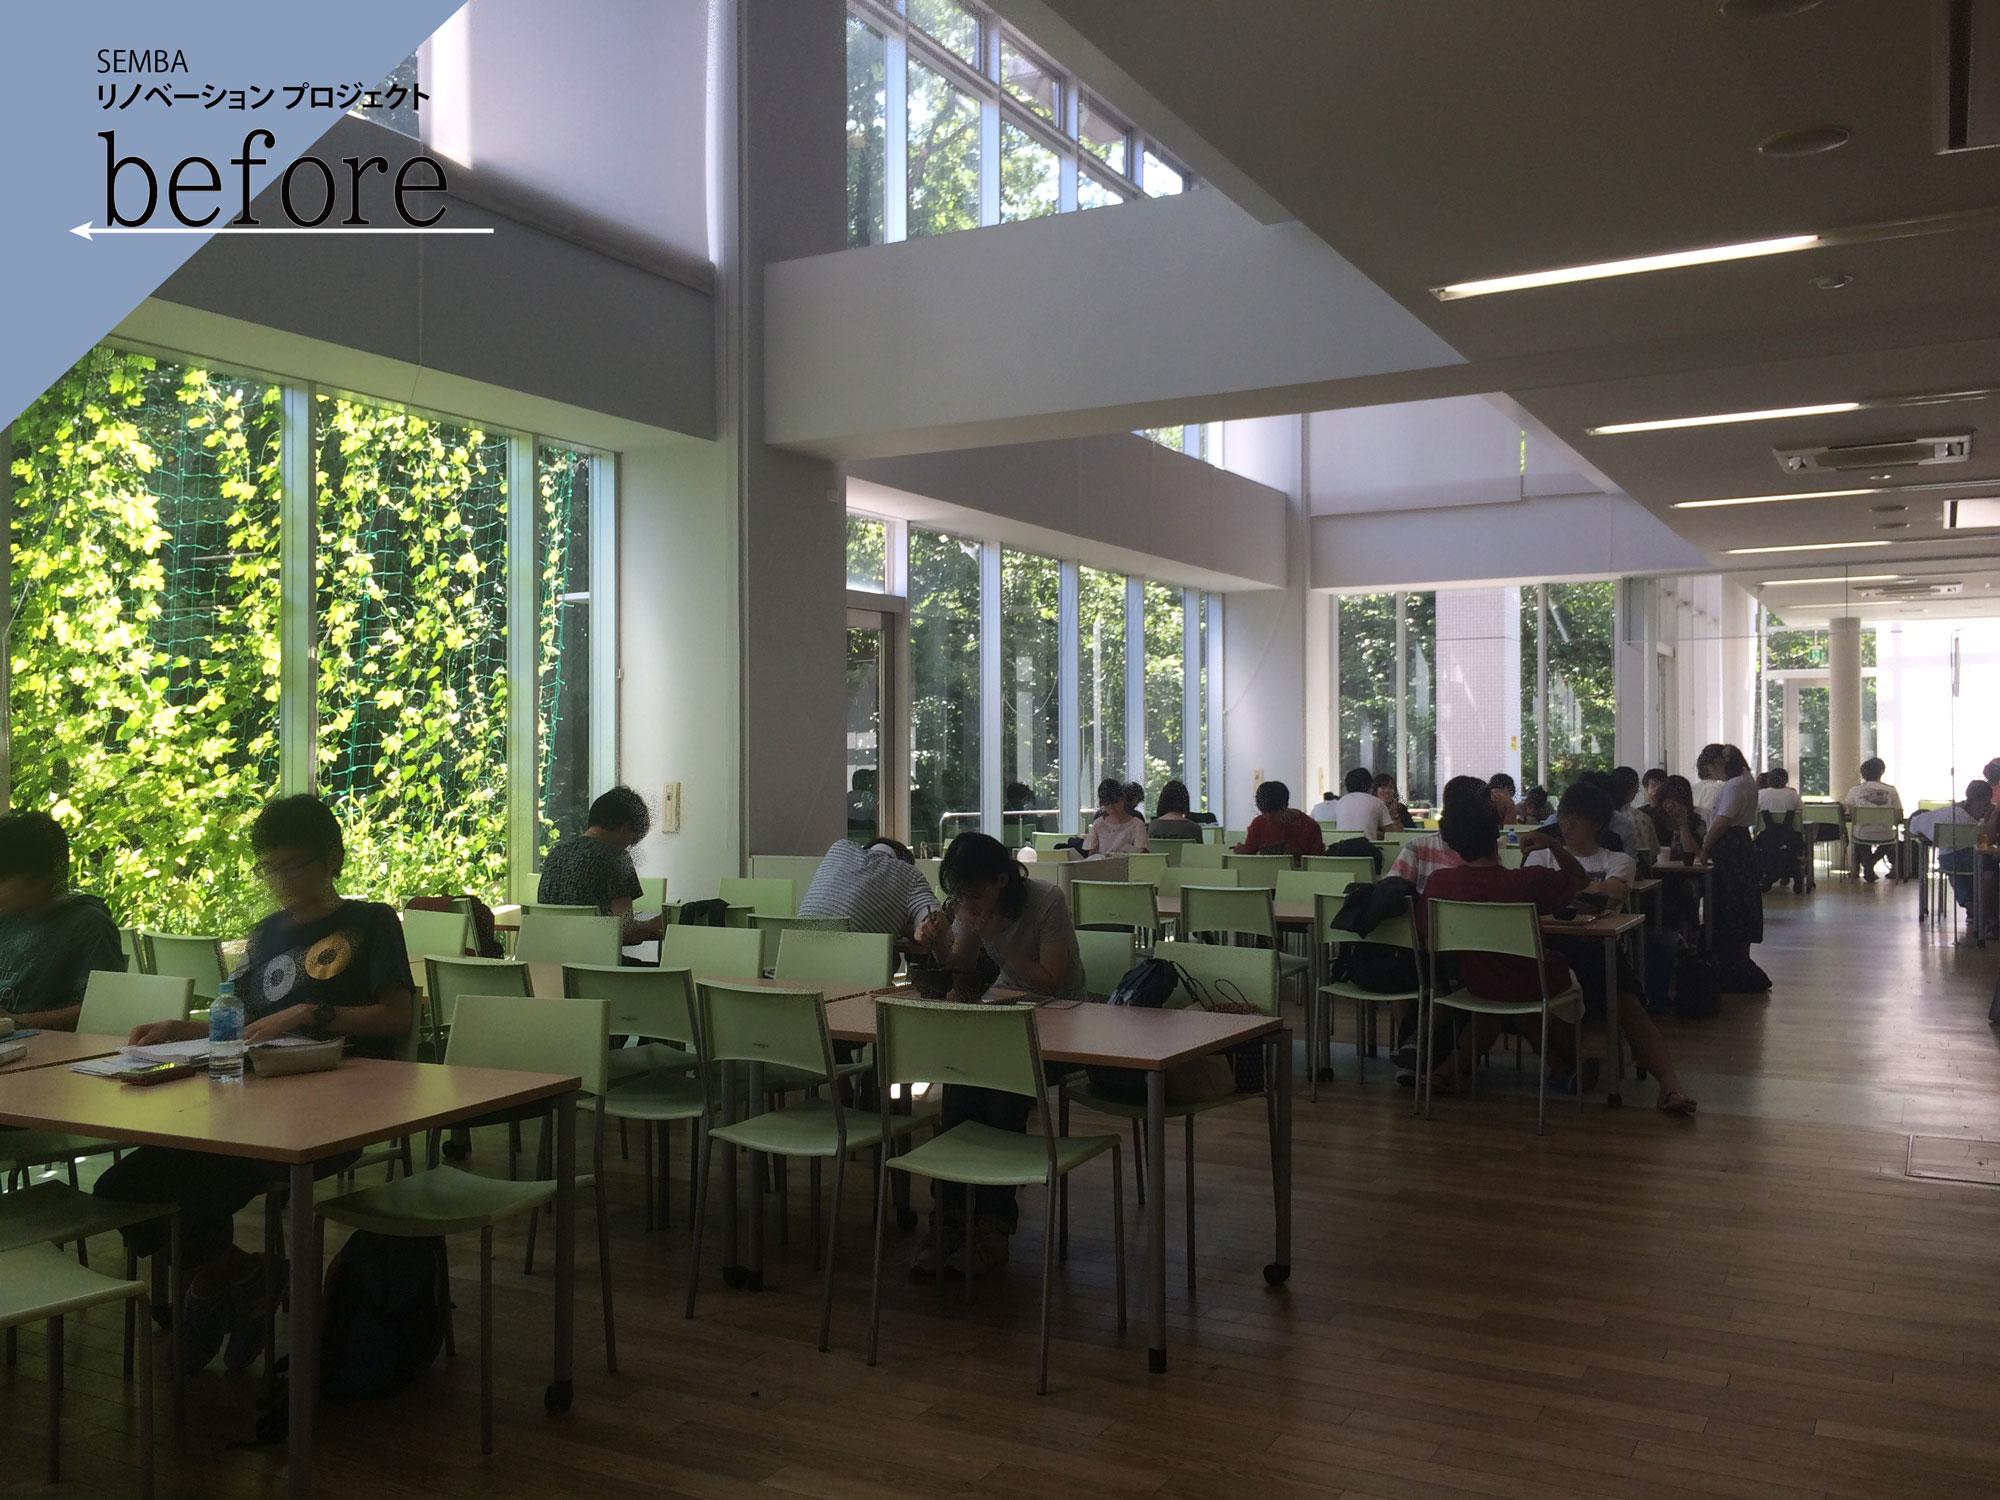 大阪大学豊中キャンパス 大学生協食堂 「カフェテリアかさね」